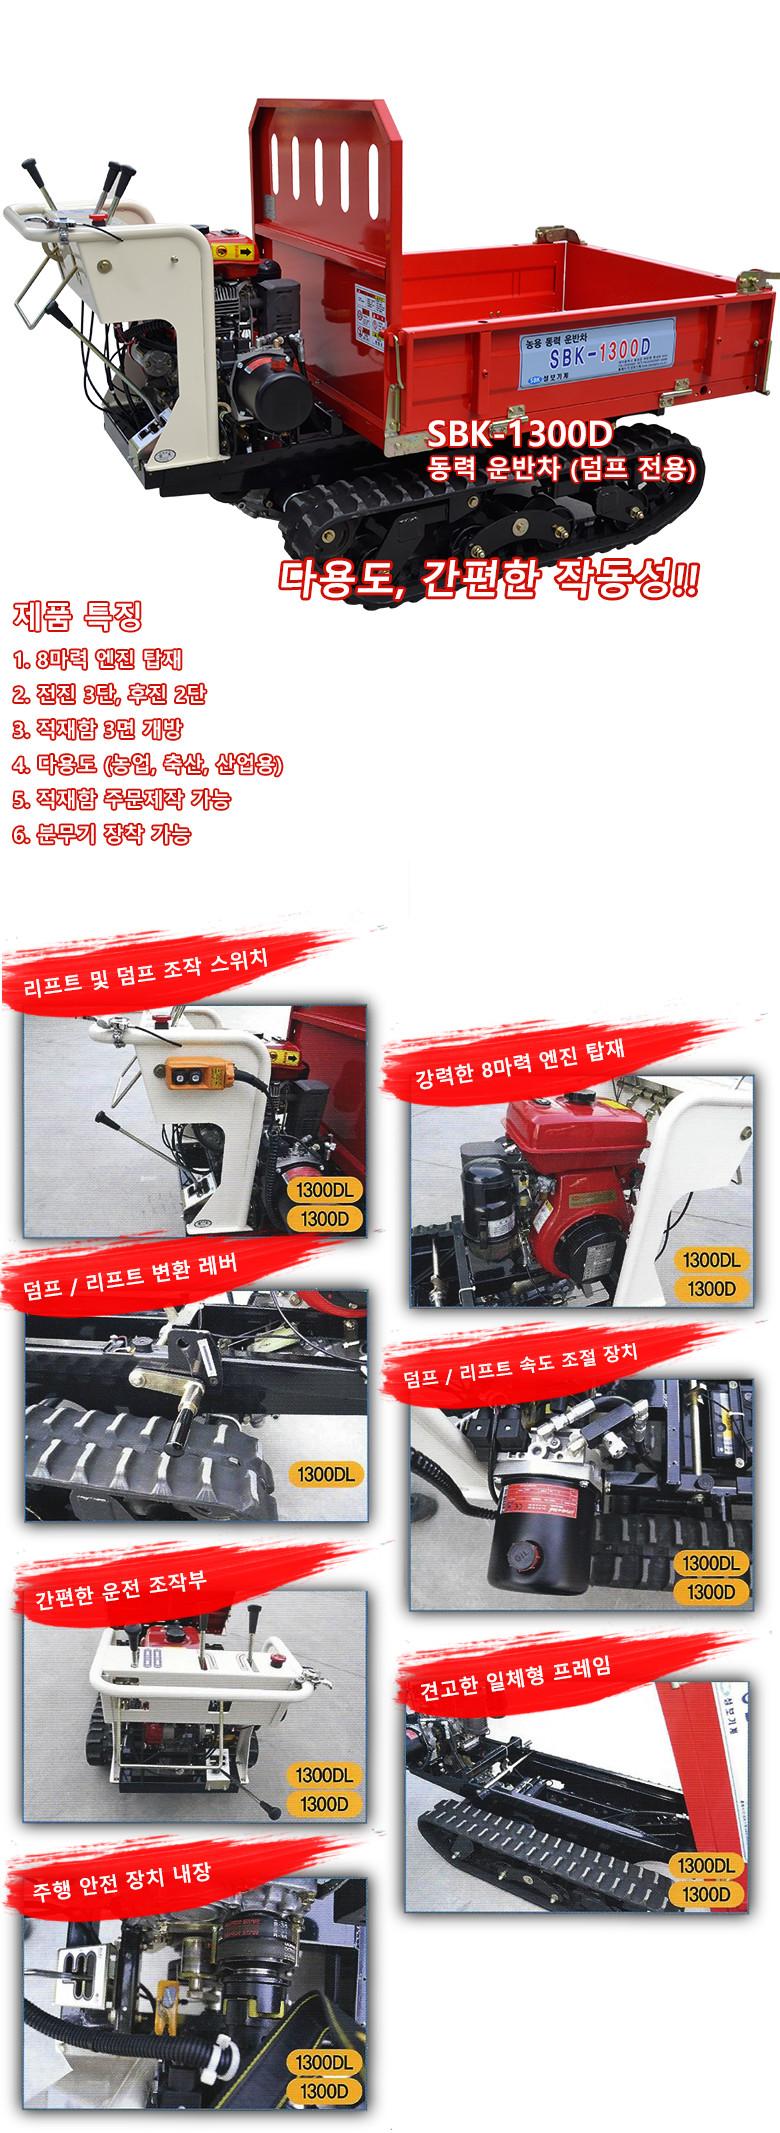 성보기계 운반차 덤프 SBK-1300D